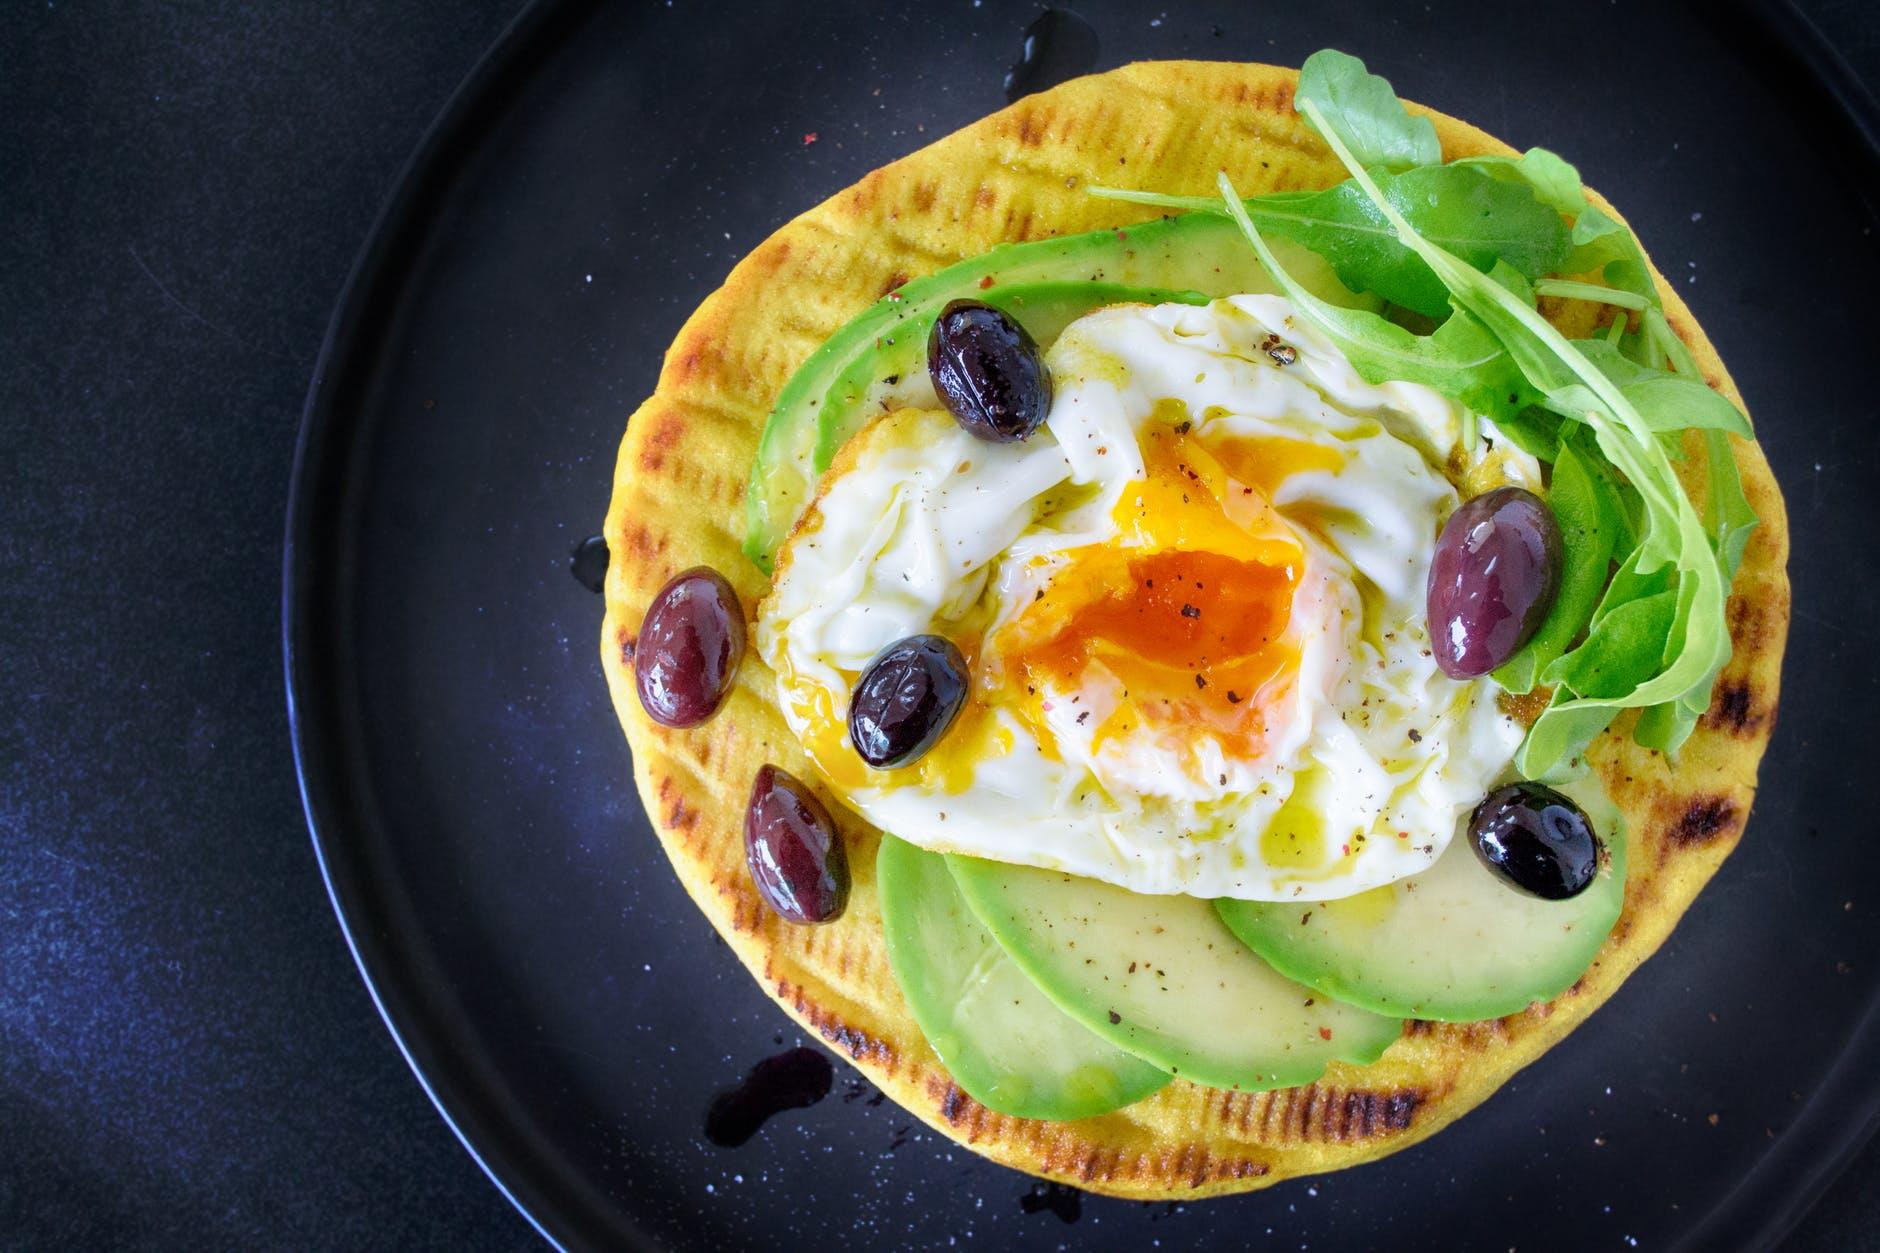 ประโยชน์ ลดความอ้วน เมนูไข่ ไข่